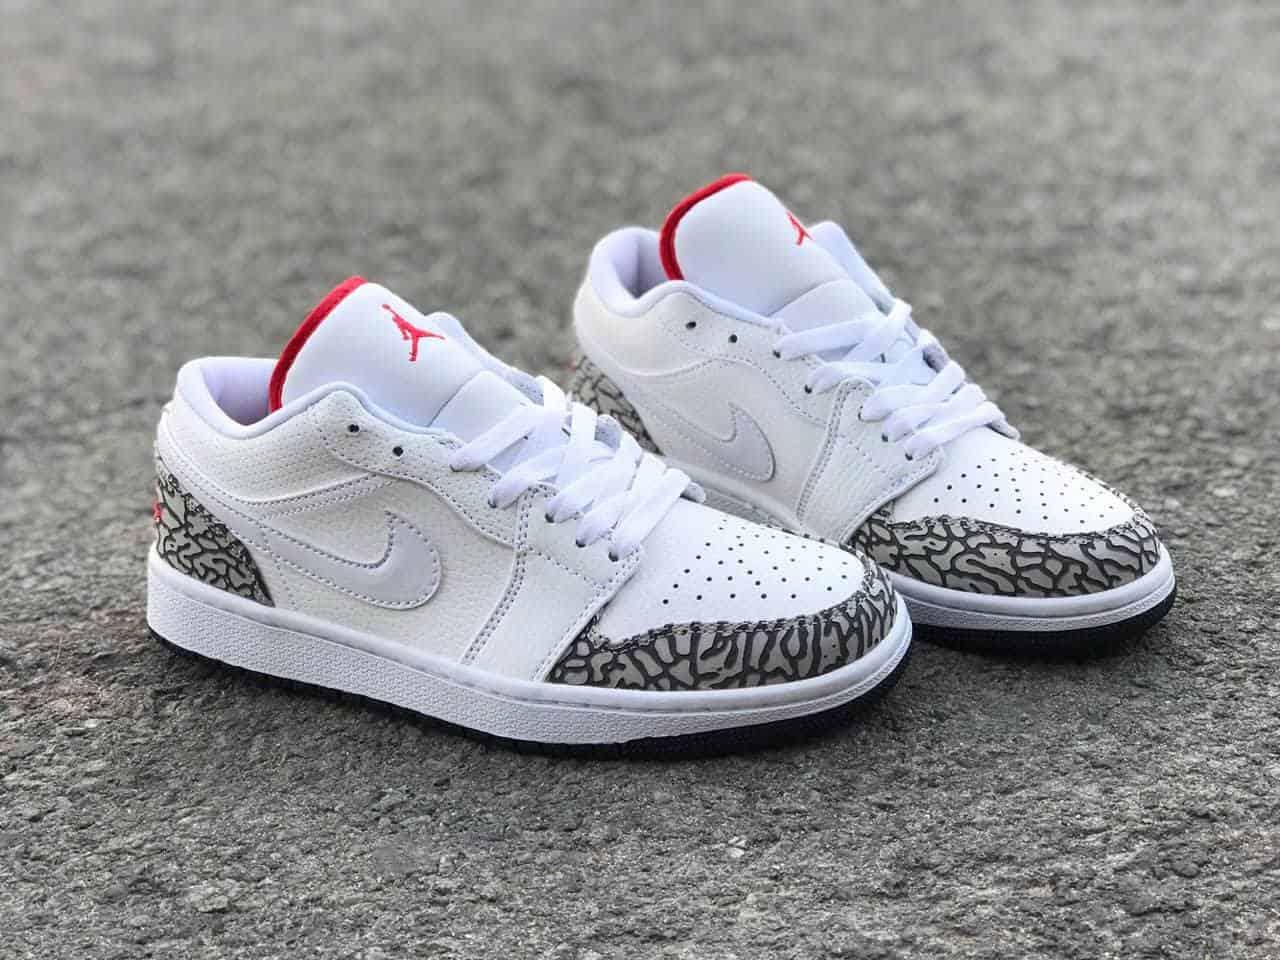 Air Jordan 1 Retro Low